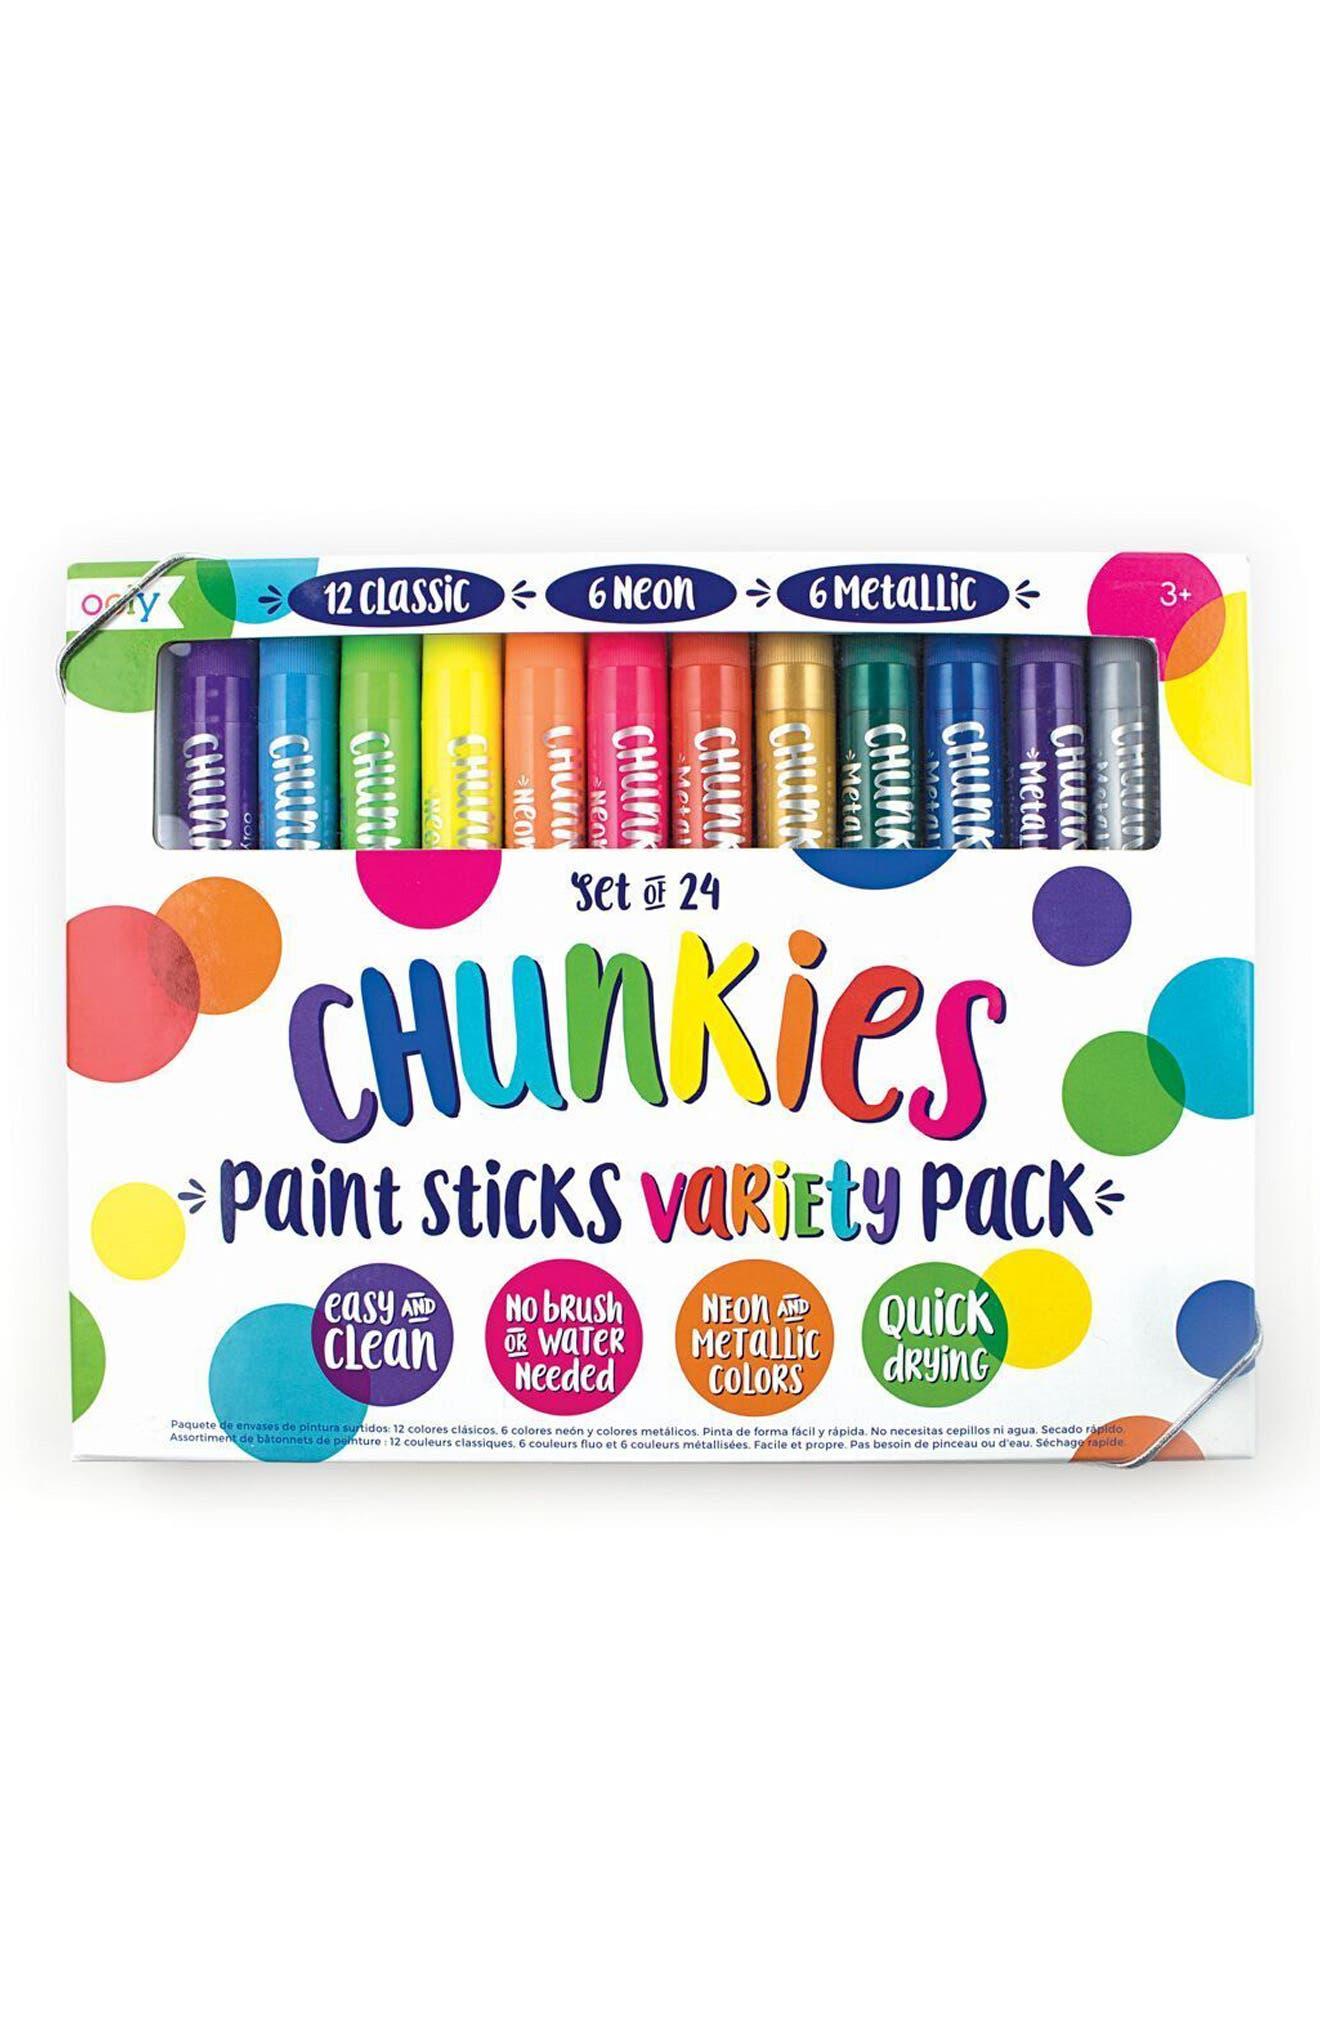 OOLY Chunkies Set of 24 Paint Sticks